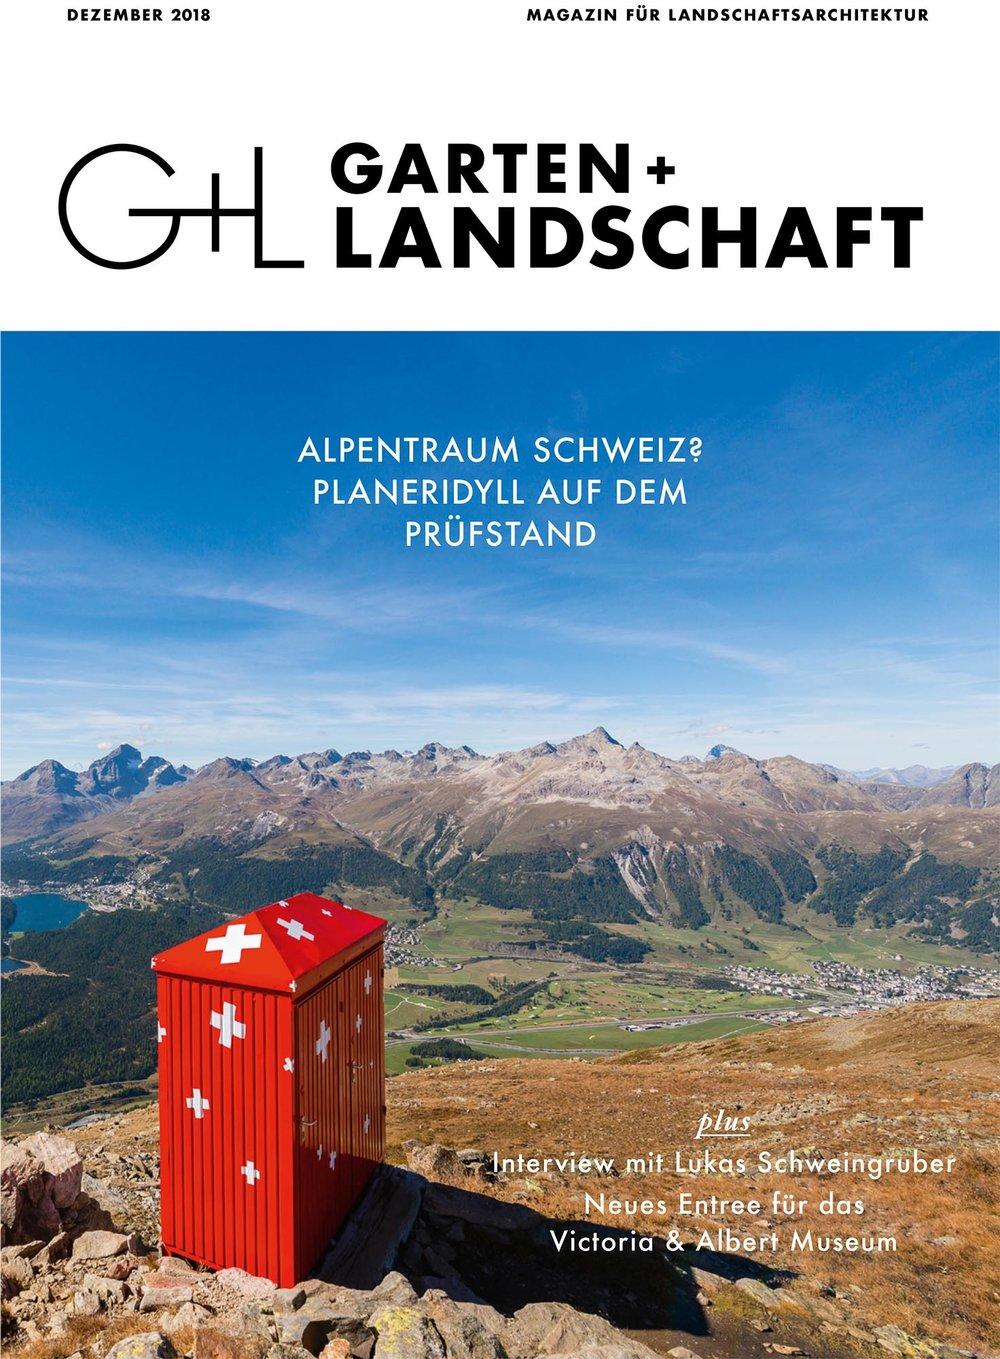 Adieu Heidiland  Jan Stadelmann & Daia Stutz in: Garten + Landschaft 12/2018: Alpentraum Schweiz? Planeridyll auf dem Prüfstand Callwey, 2018 ► Articel